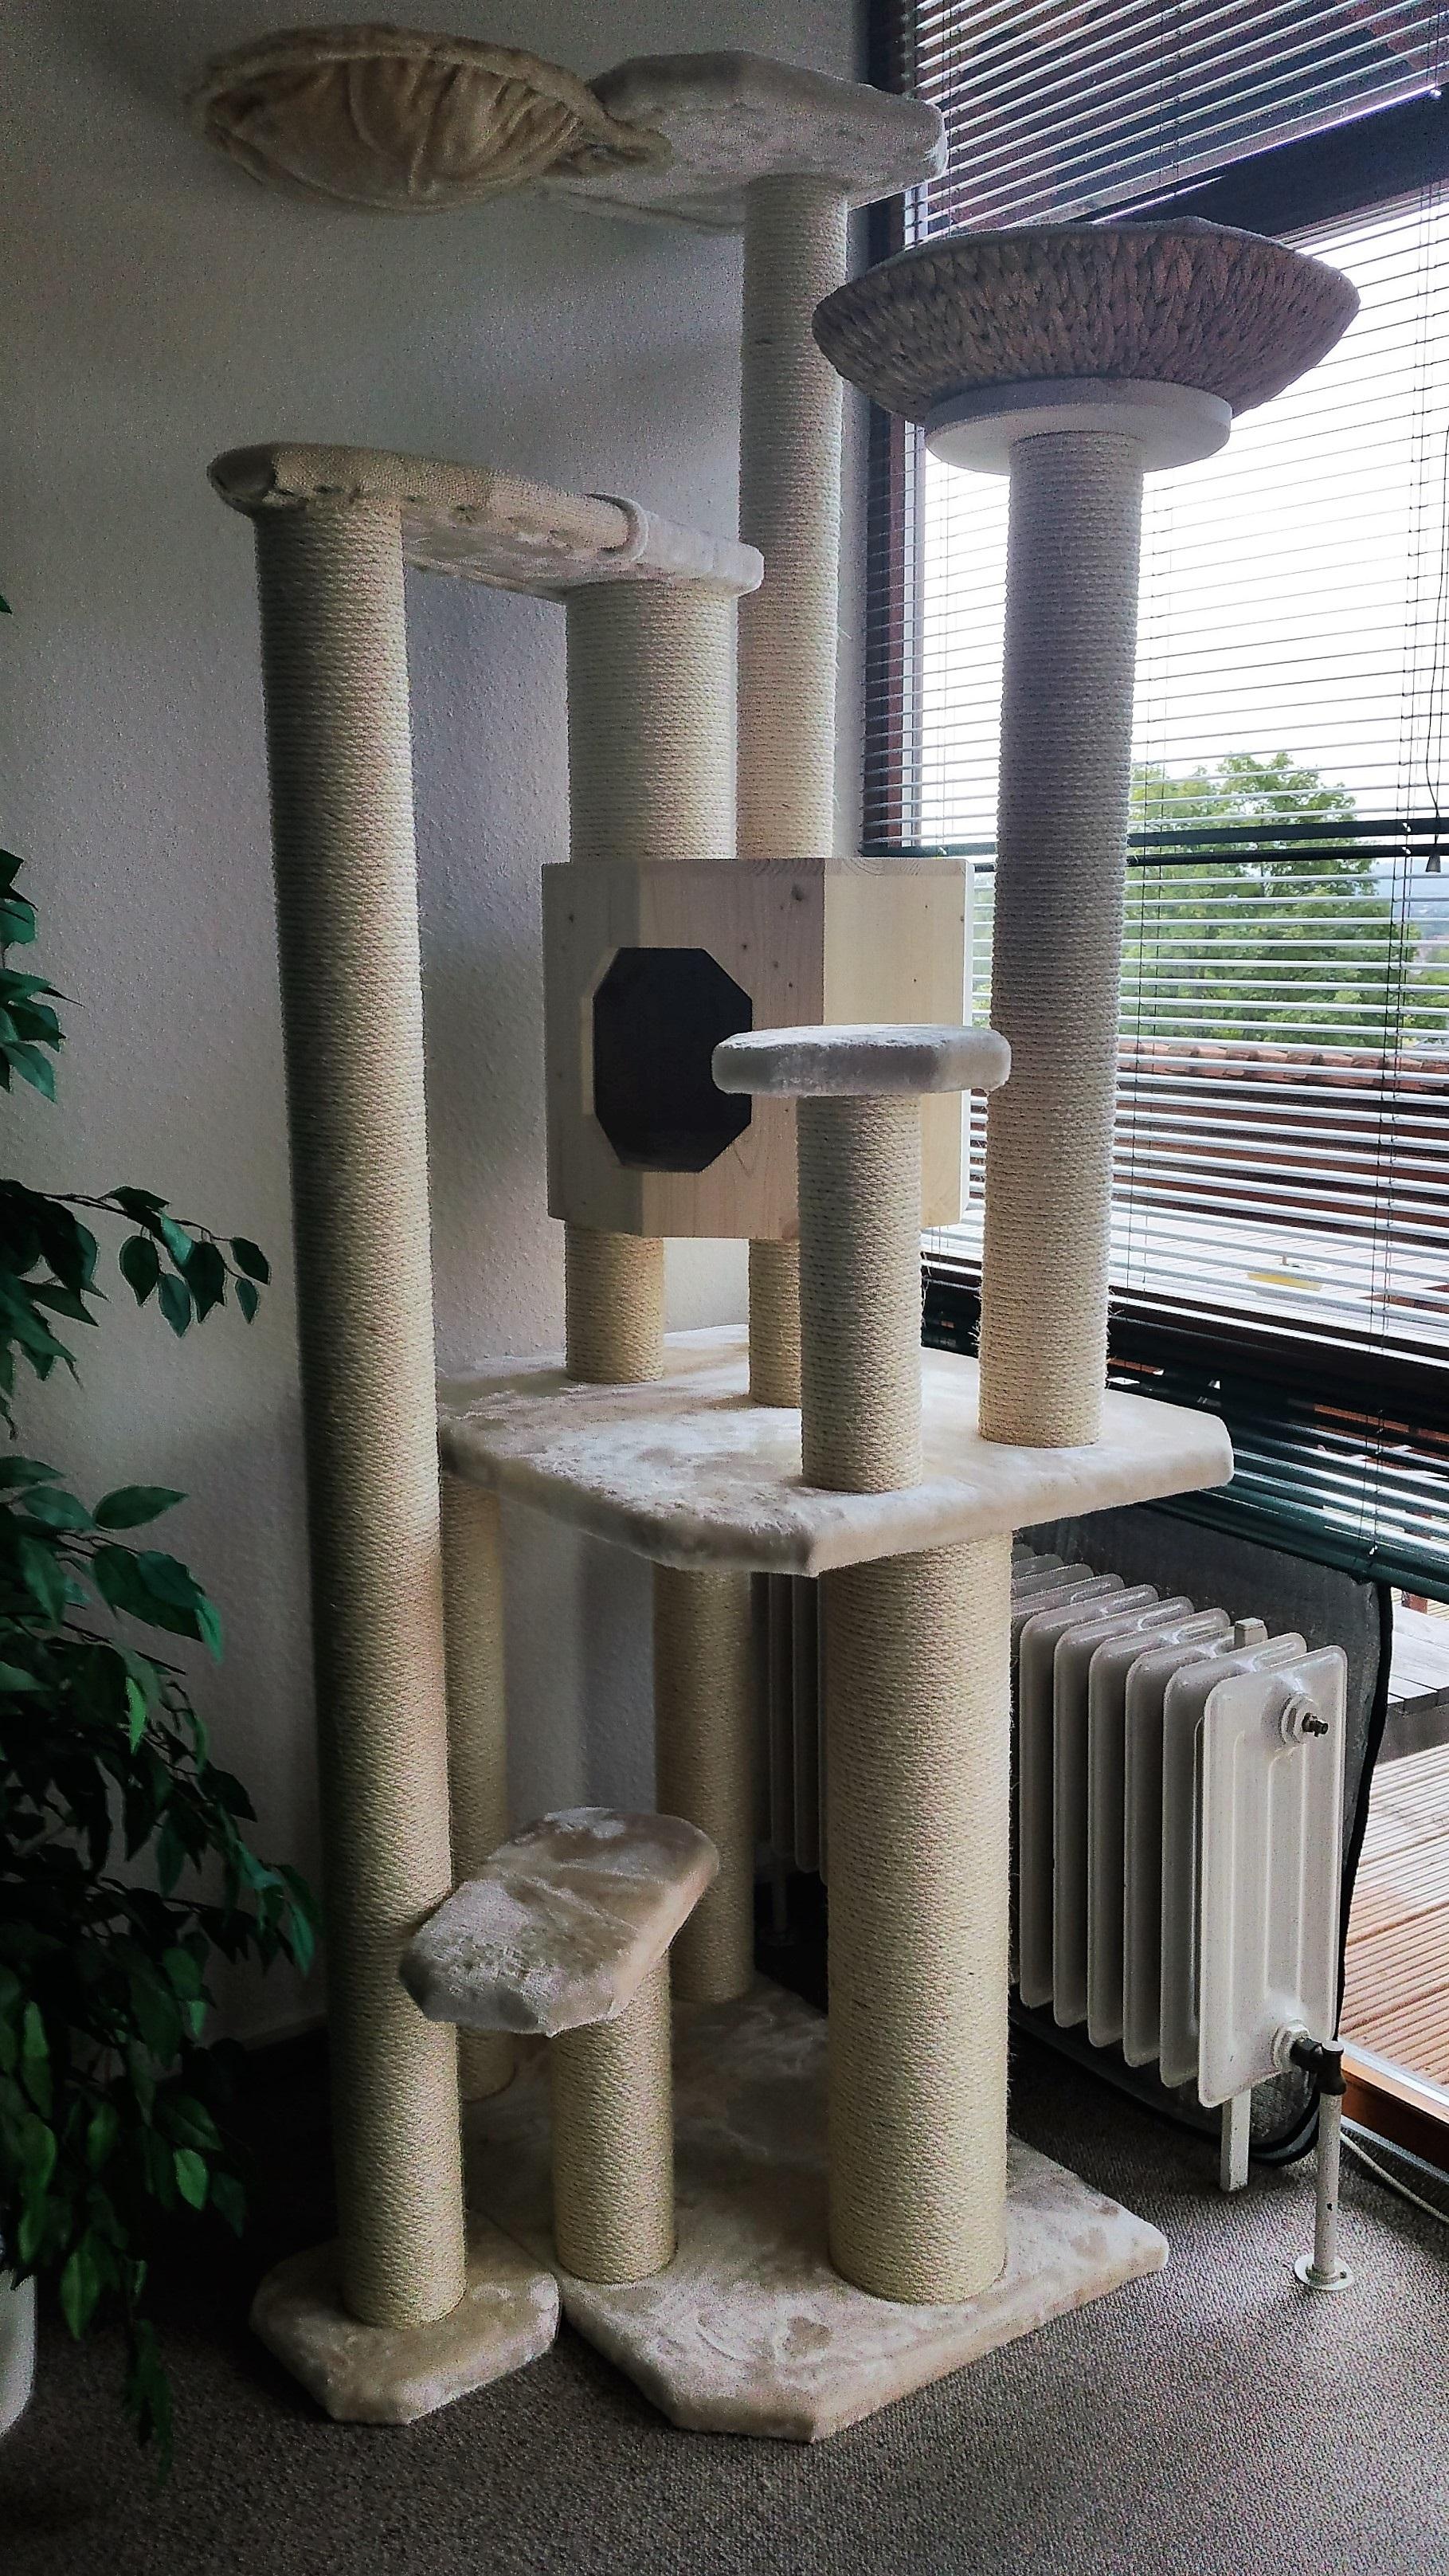 naturkratzbaum kratzbaum grosse katzen massiv stabil. Black Bedroom Furniture Sets. Home Design Ideas